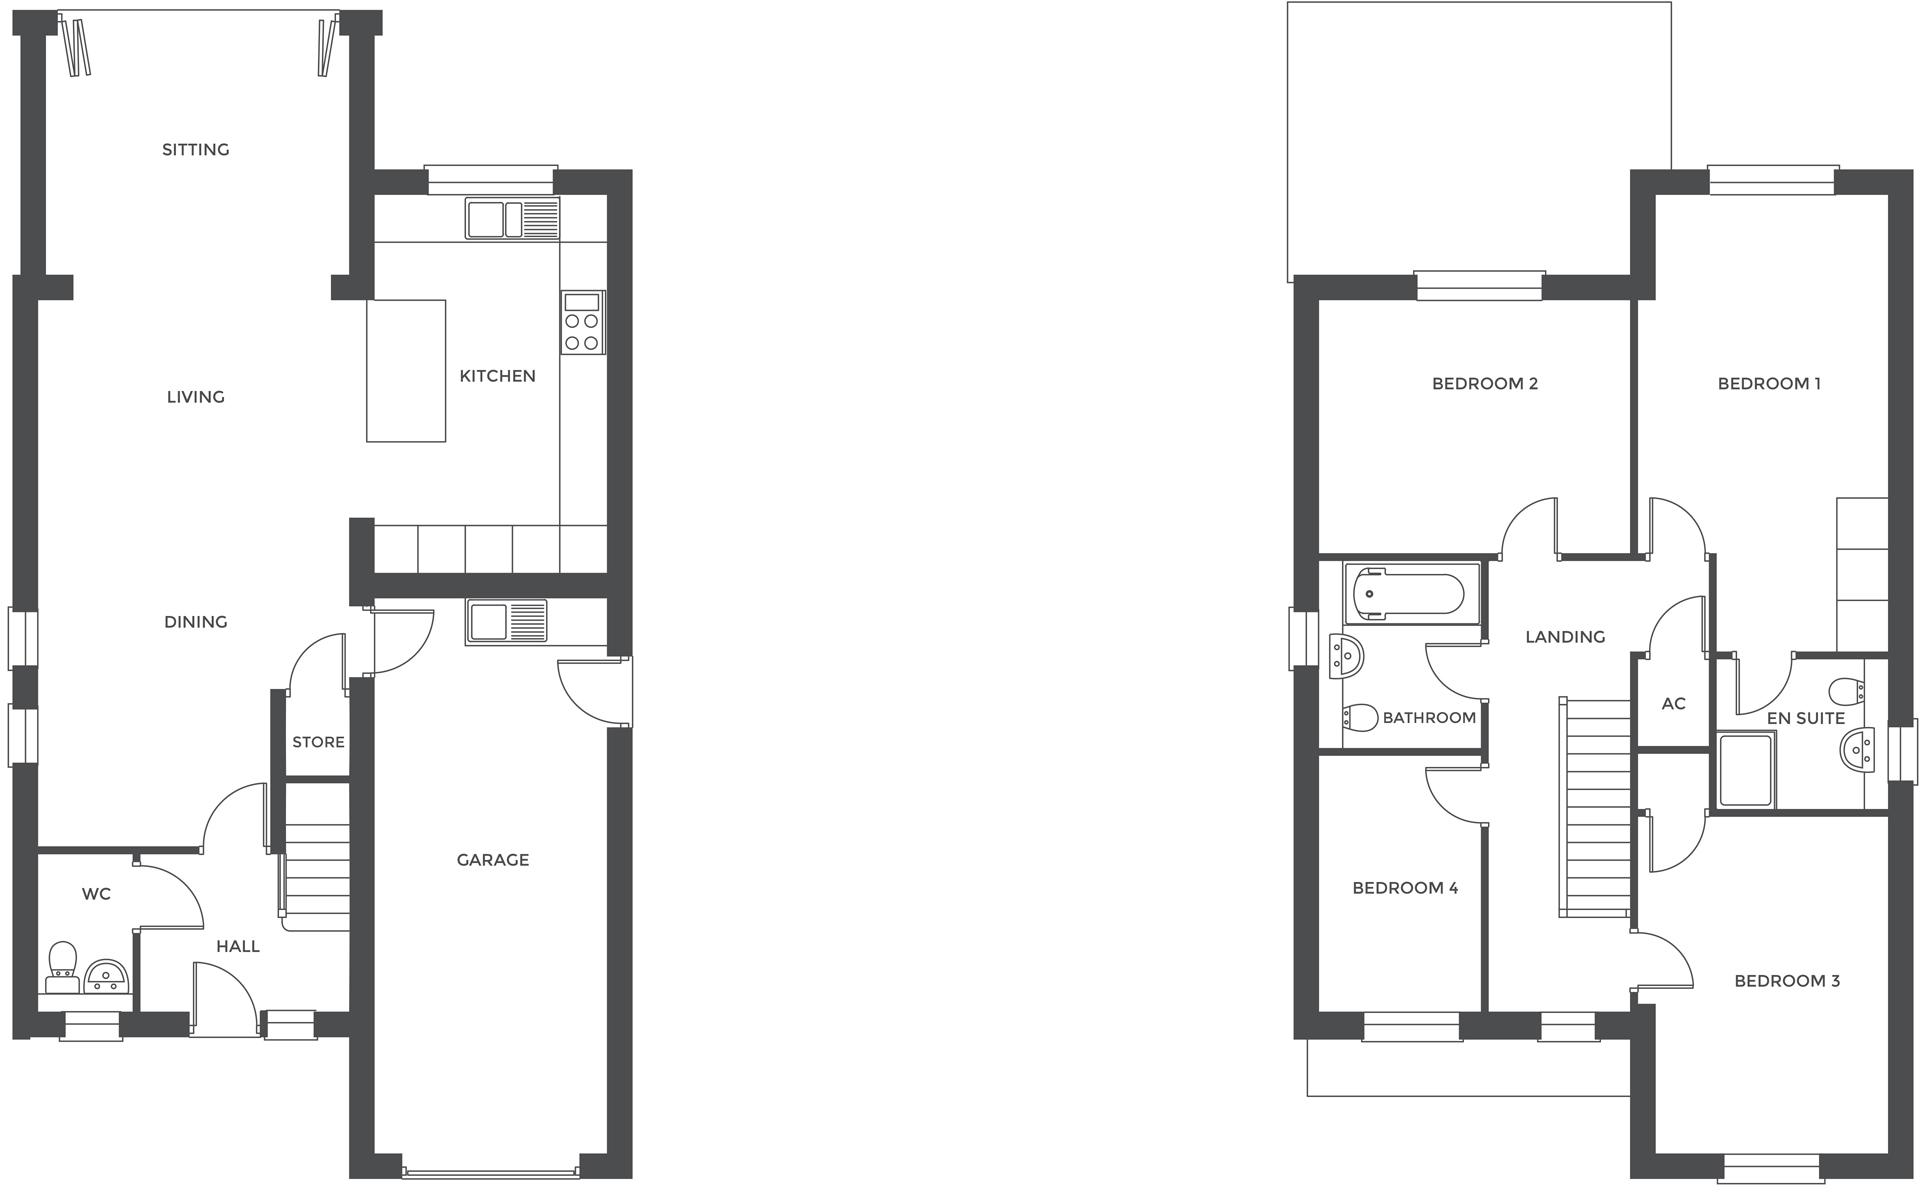 Hathorn Manor, Plot 4 floor plan